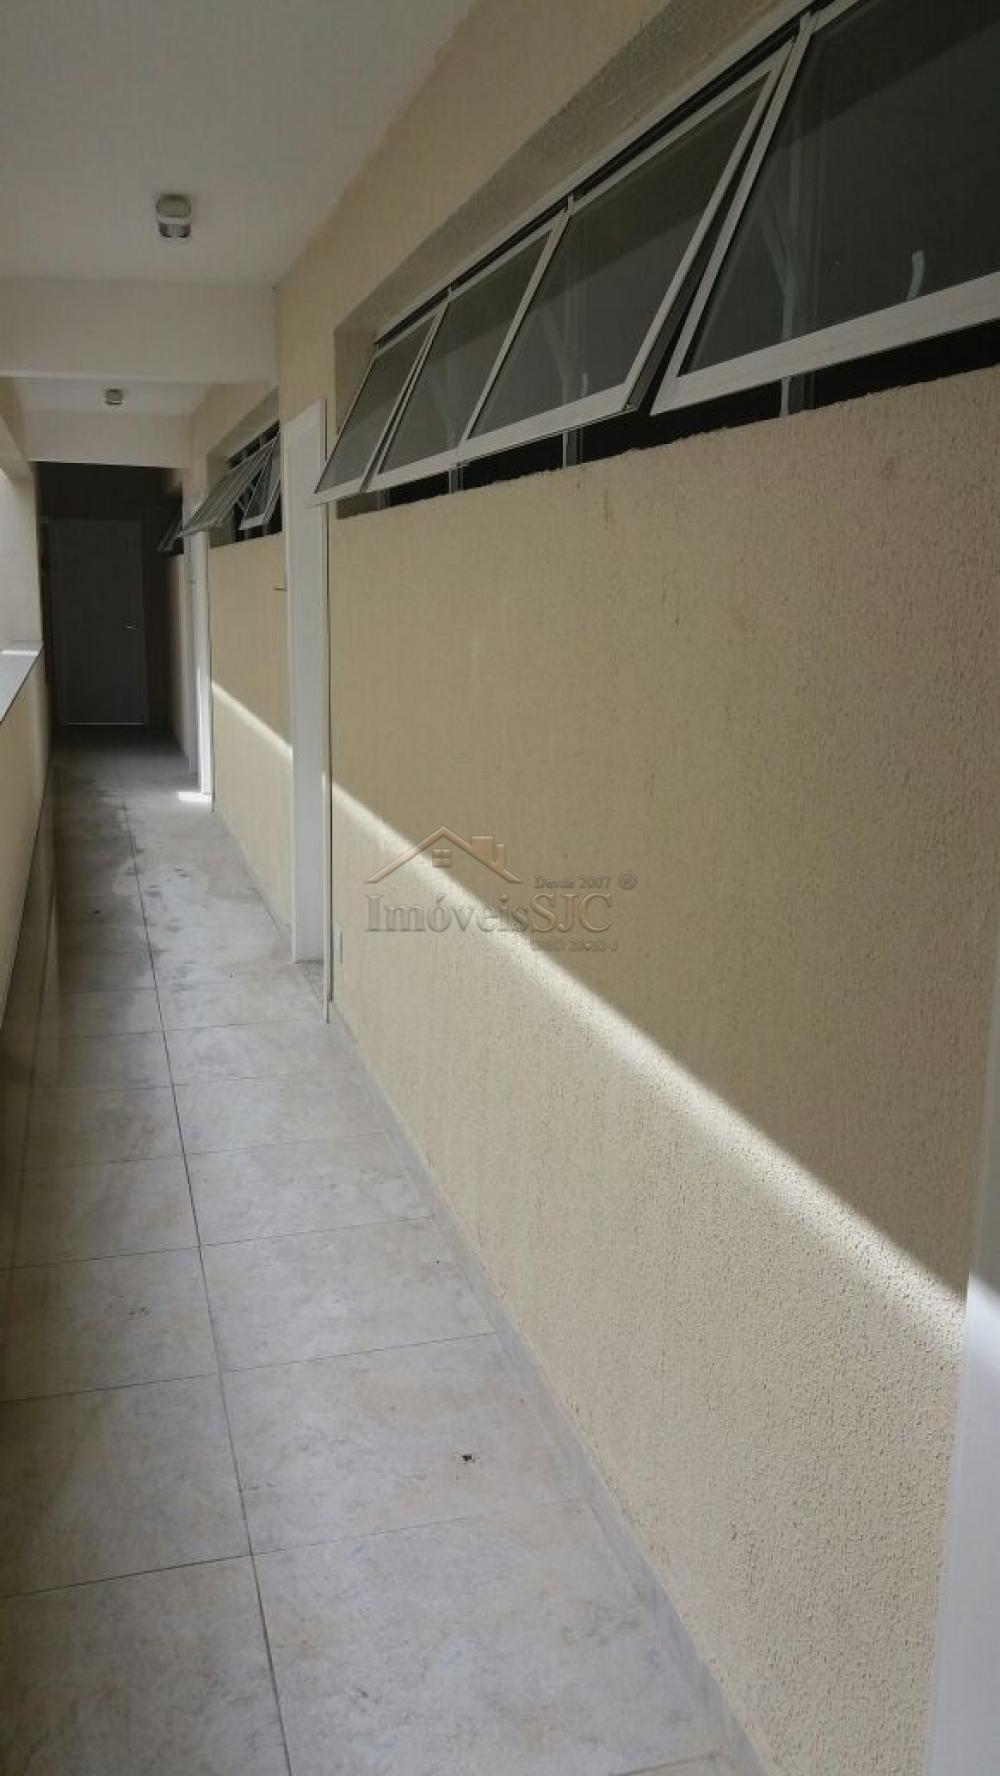 Alugar Comerciais / Prédio Comercial em São José dos Campos apenas R$ 35.000,00 - Foto 3